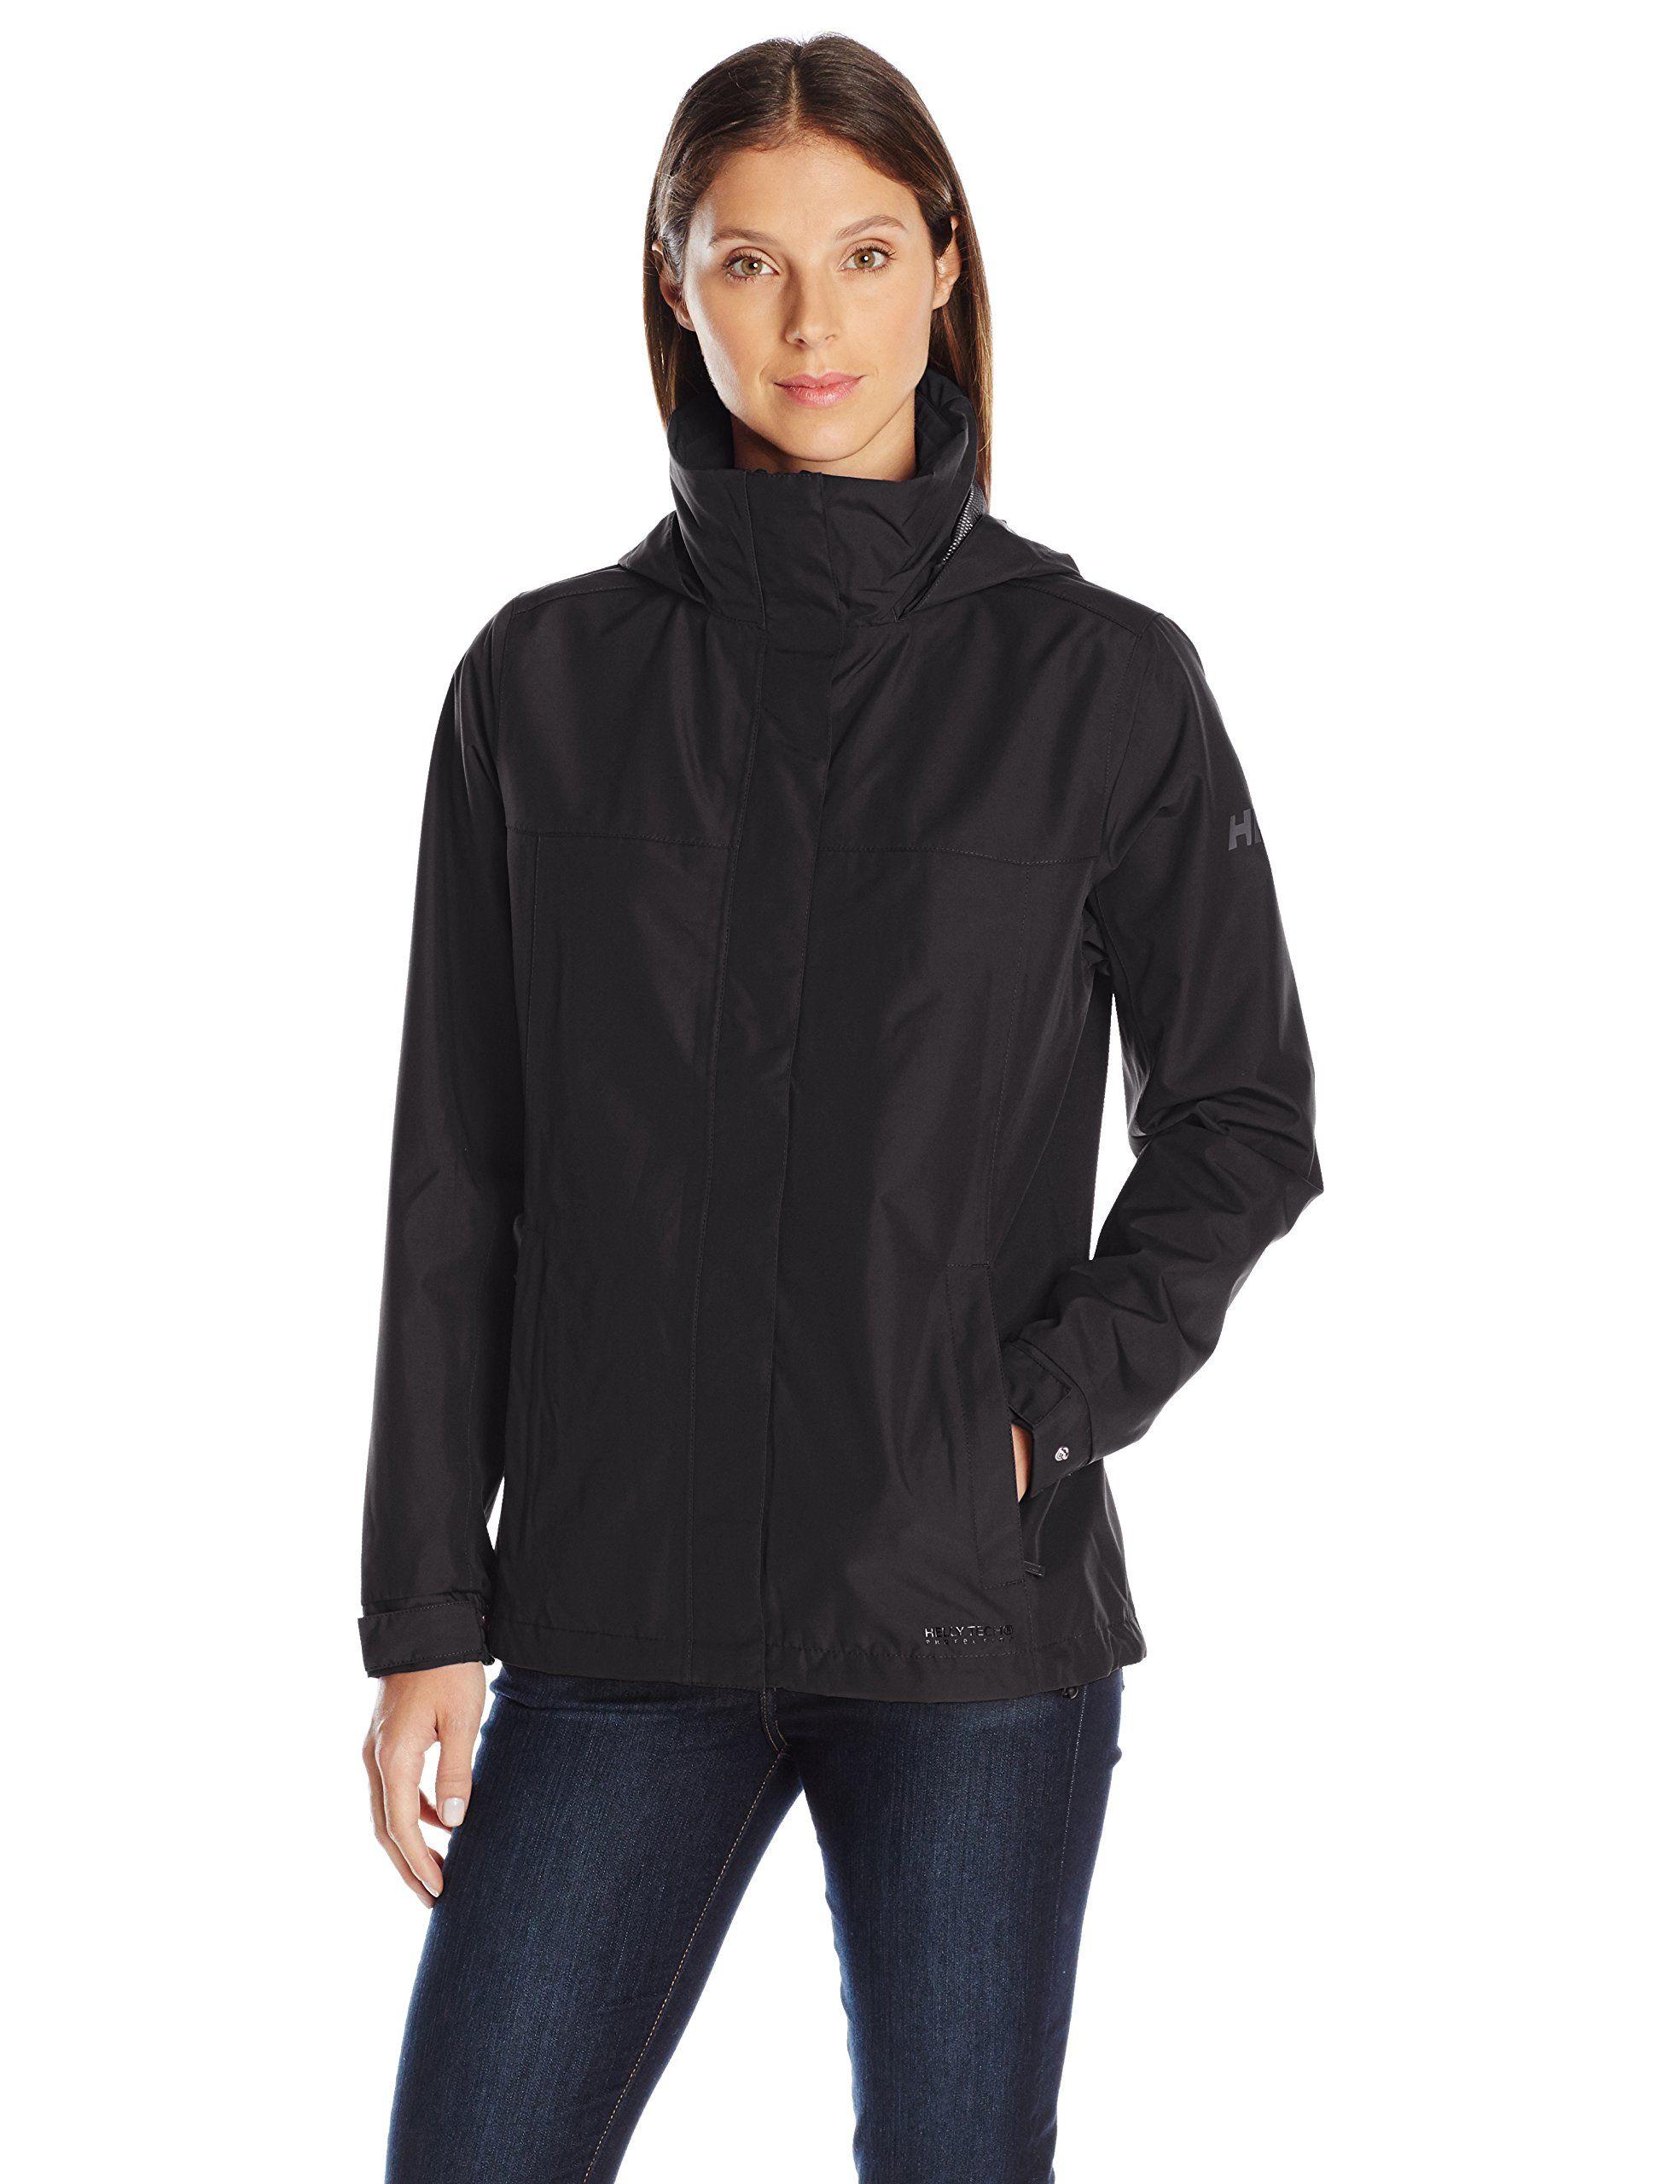 e3d79274361 Helly Hansen Women s Aden Shell Jacket